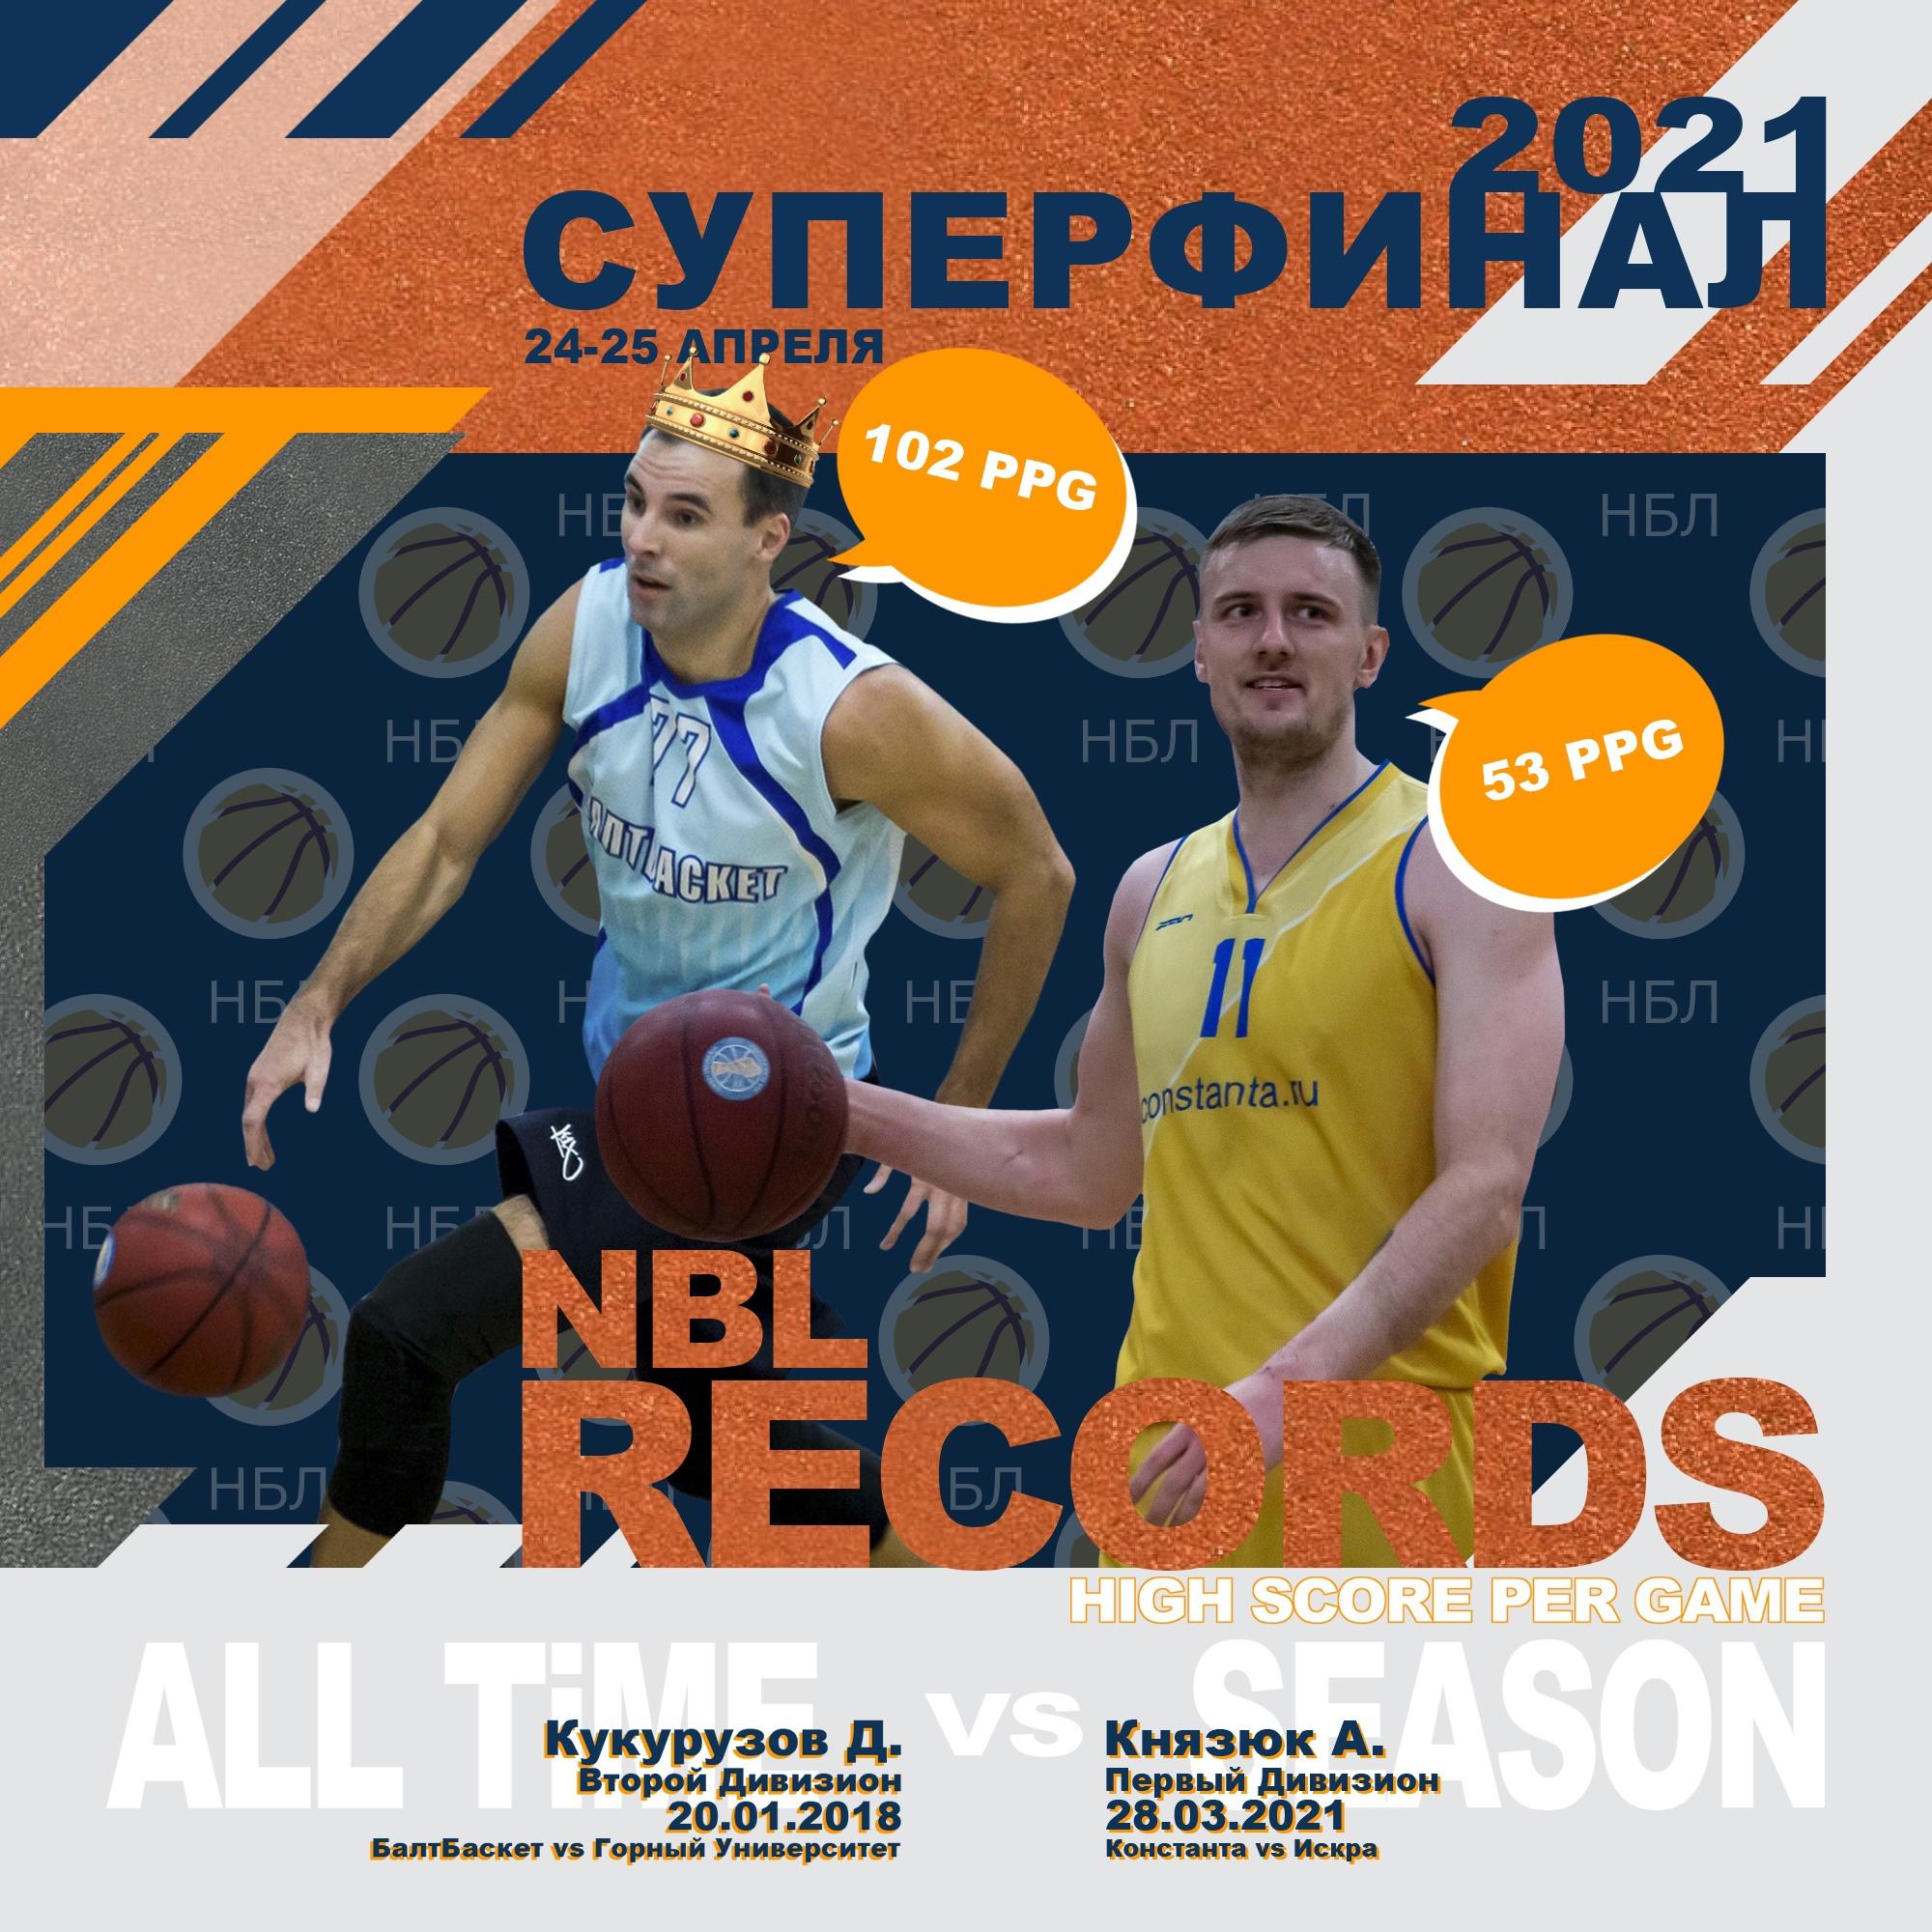 Александр Князюк ставит новый рекорд сезона